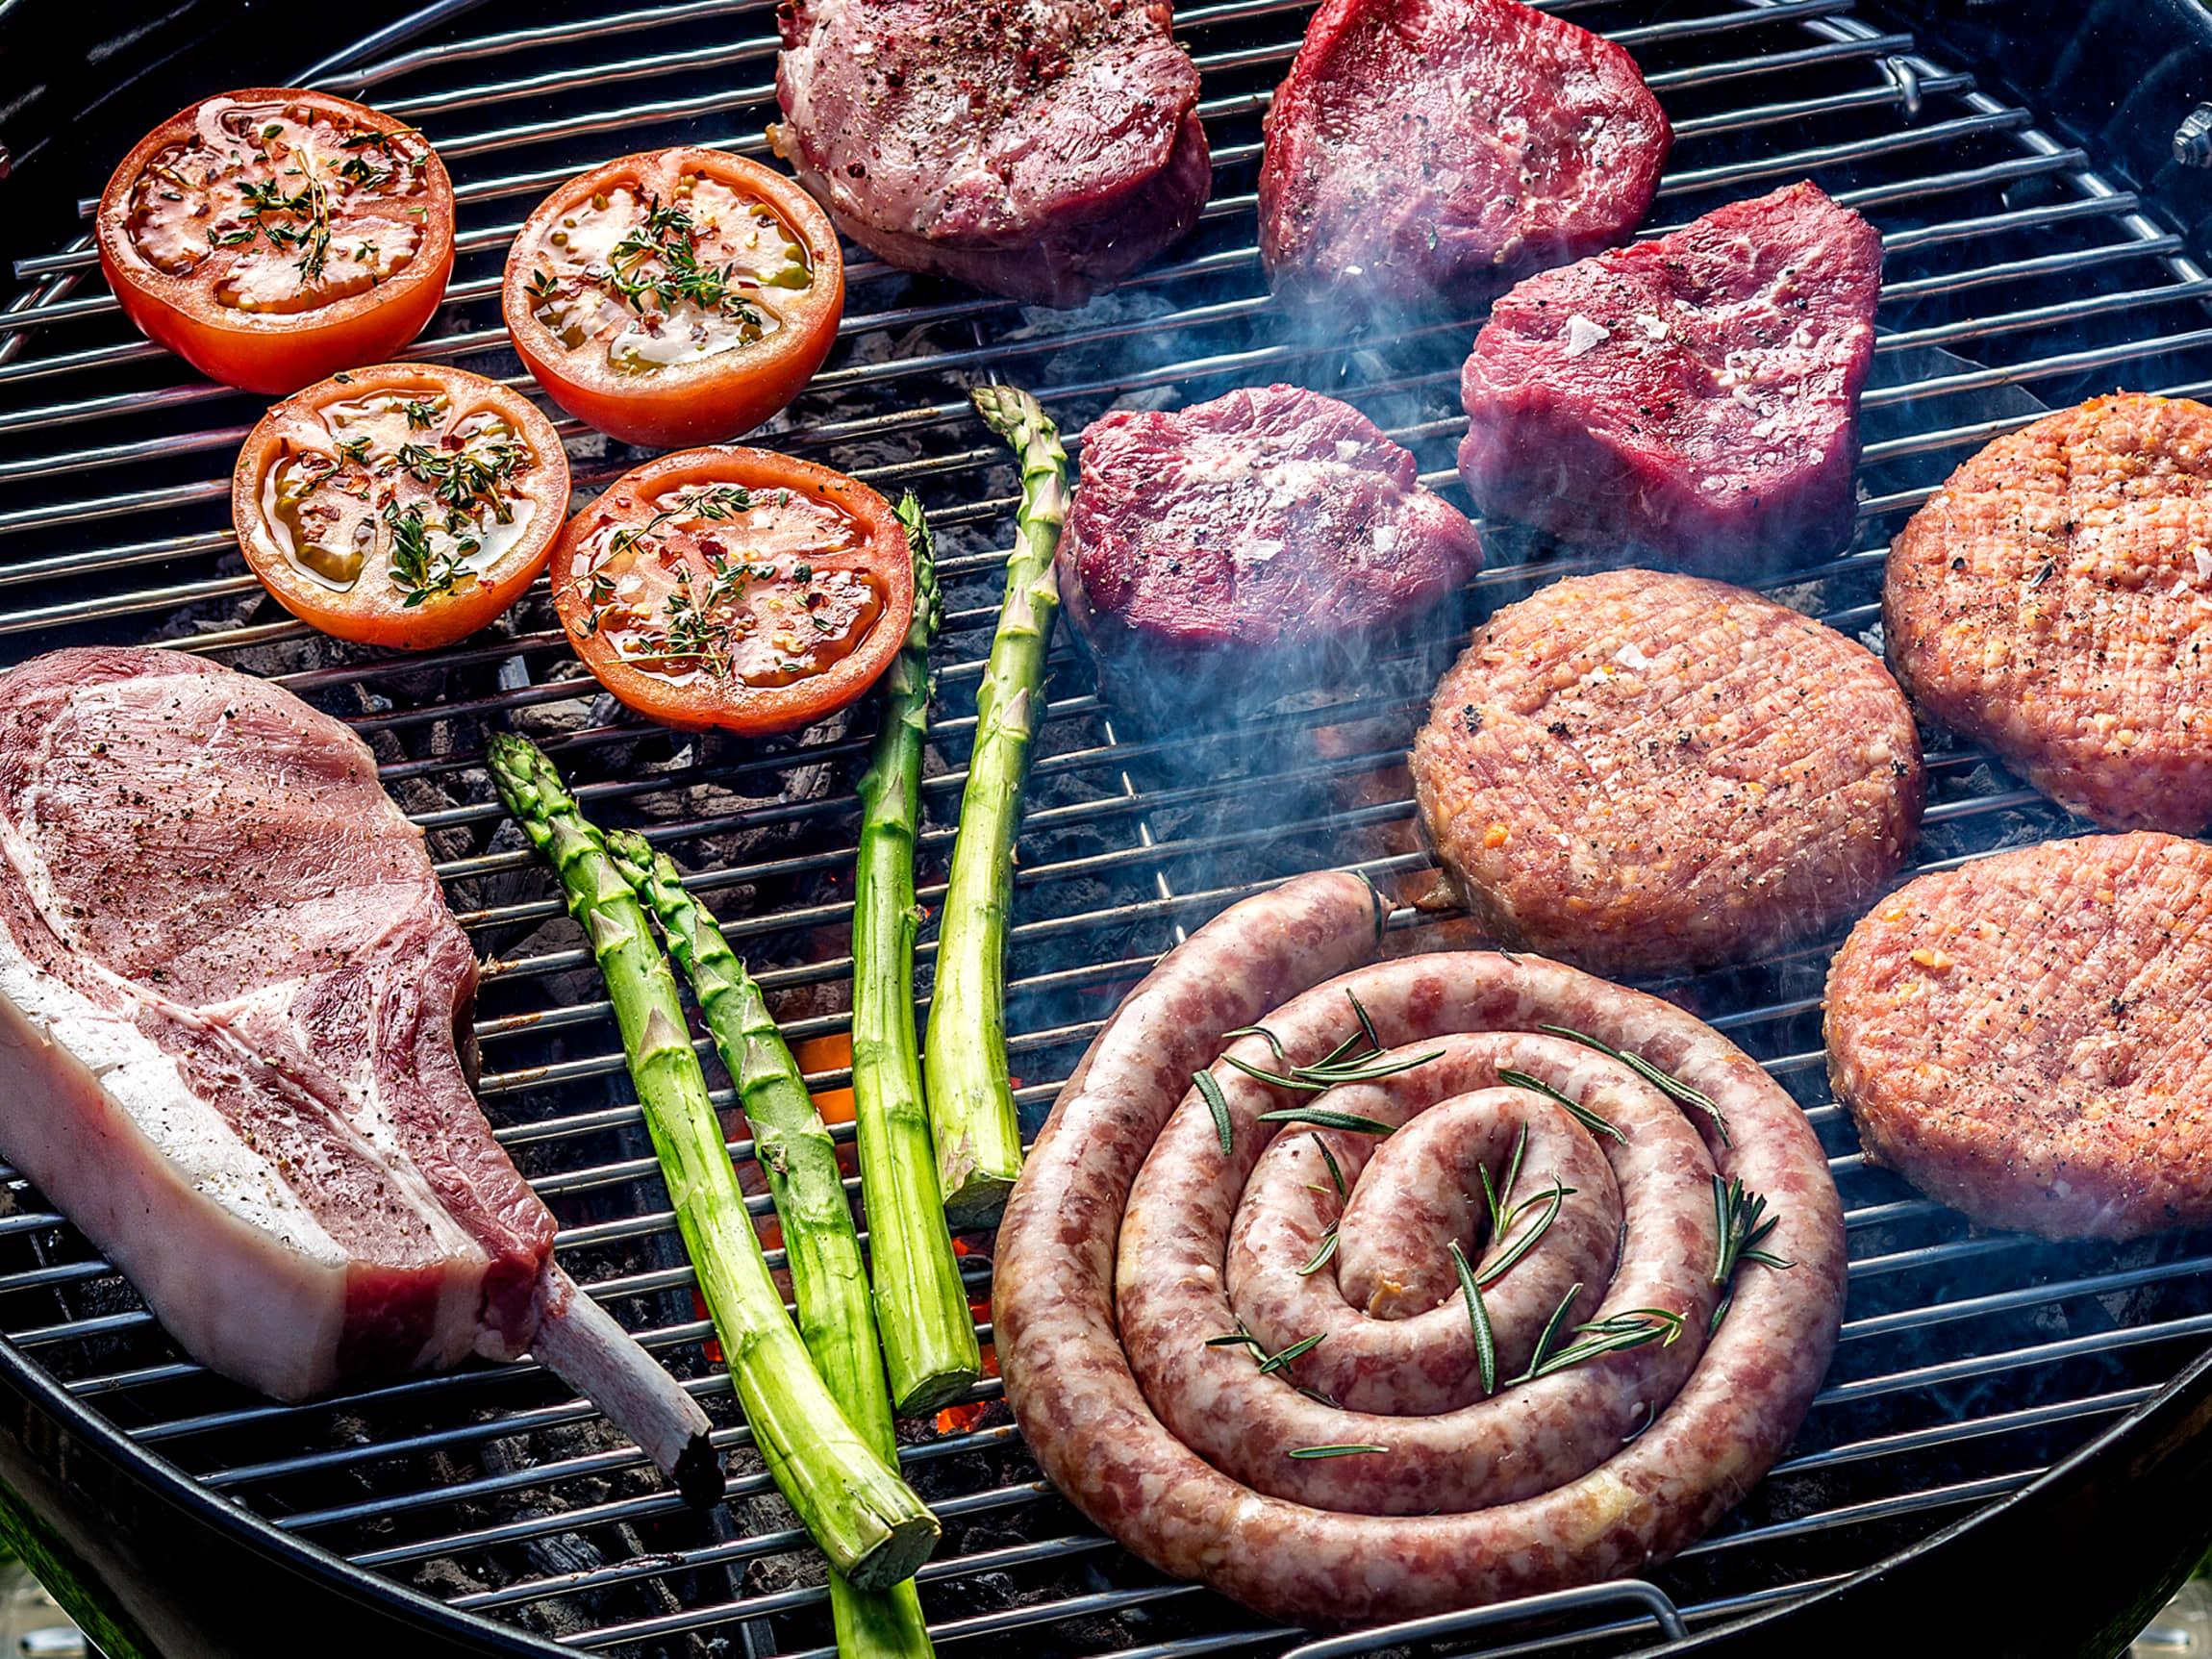 Mørkt øl passer ypperlig til burgere, svin og annet rødt kjøtt som skal på grillen